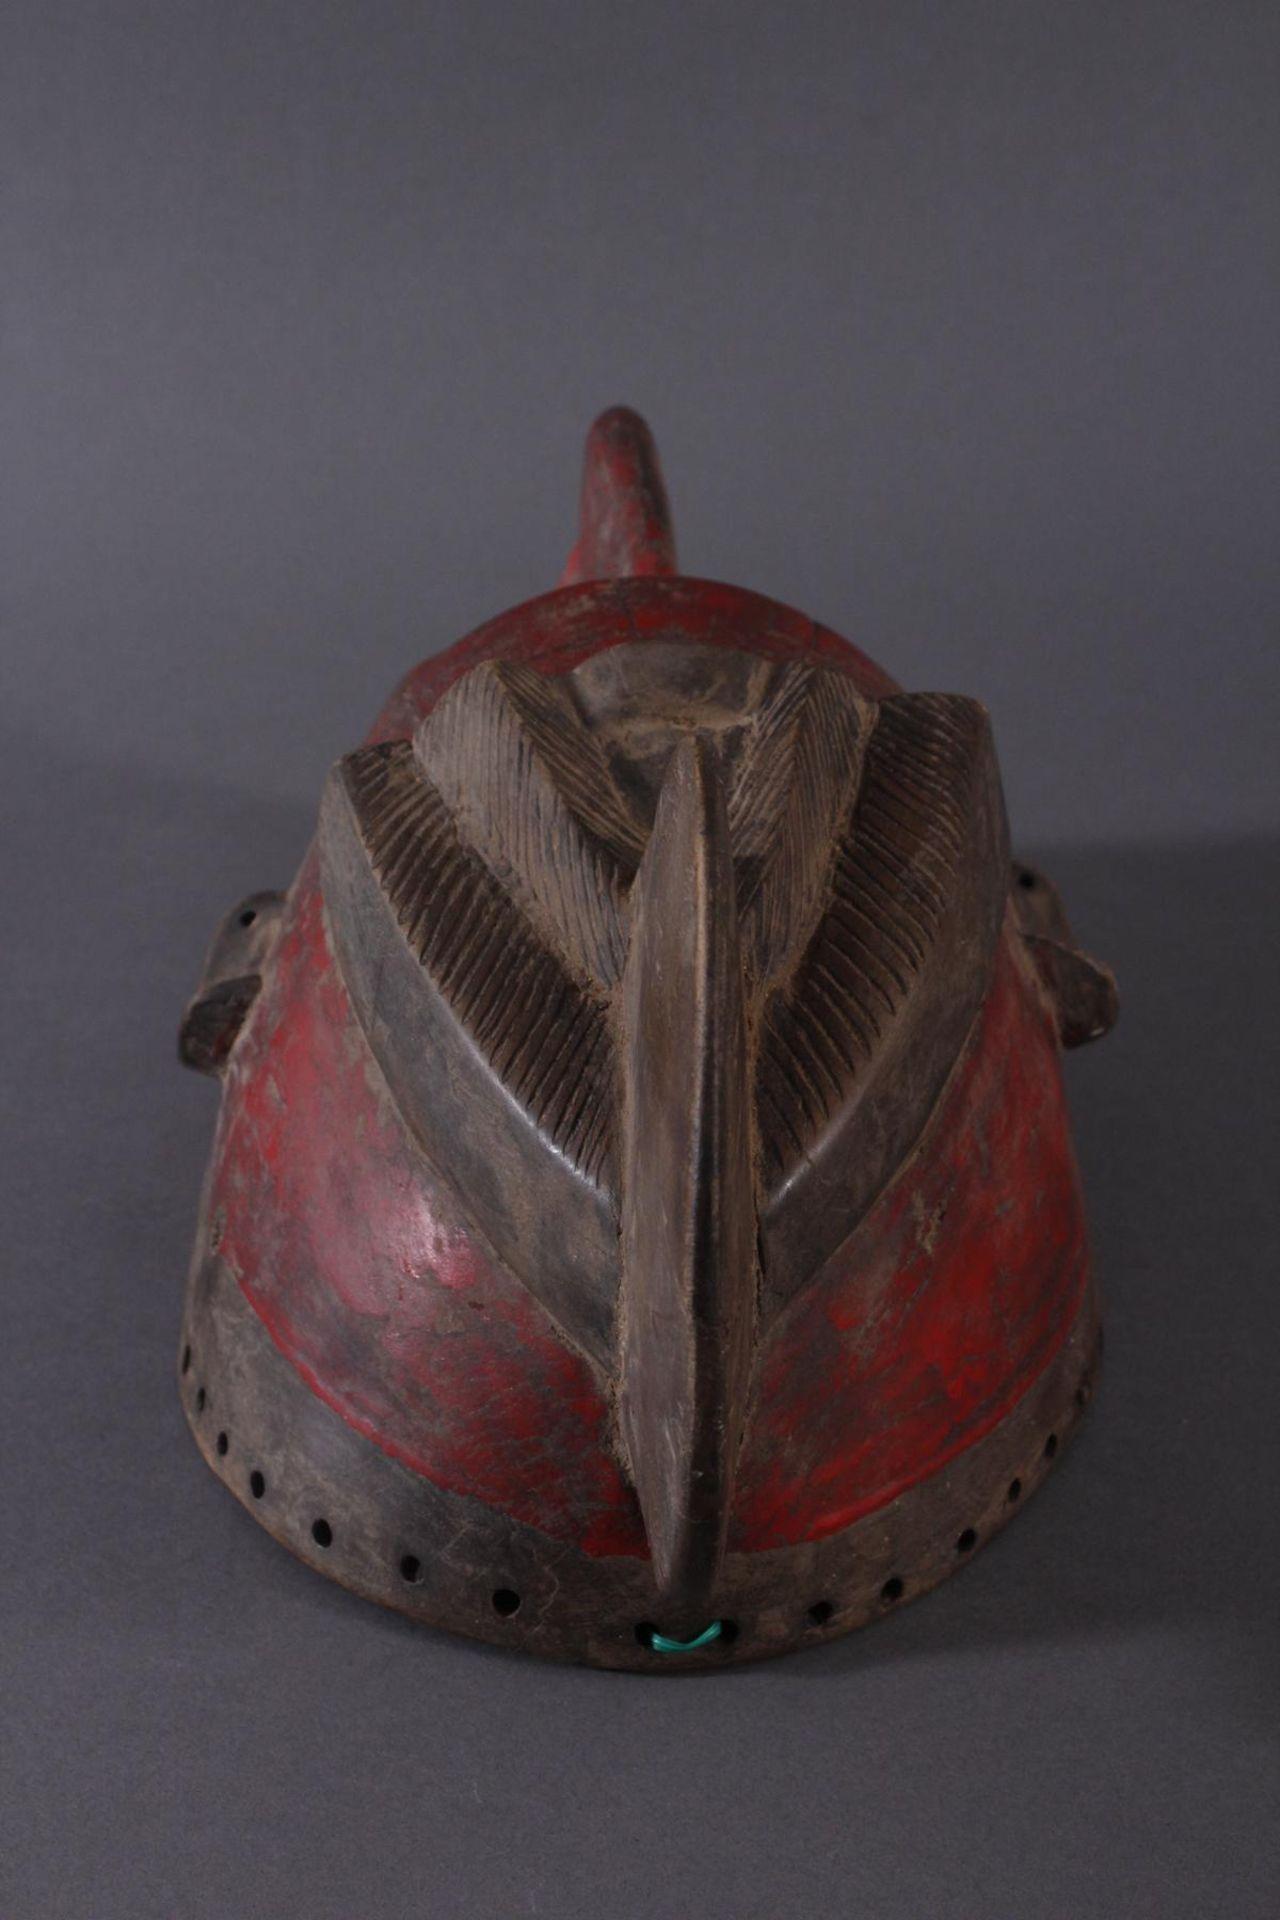 Antike Maske der Baule, Elfenbeinküste 1. Hälfte 20. Jh.Holz geschnitzt, dunkle Patina, partiell rot - Bild 5 aus 6